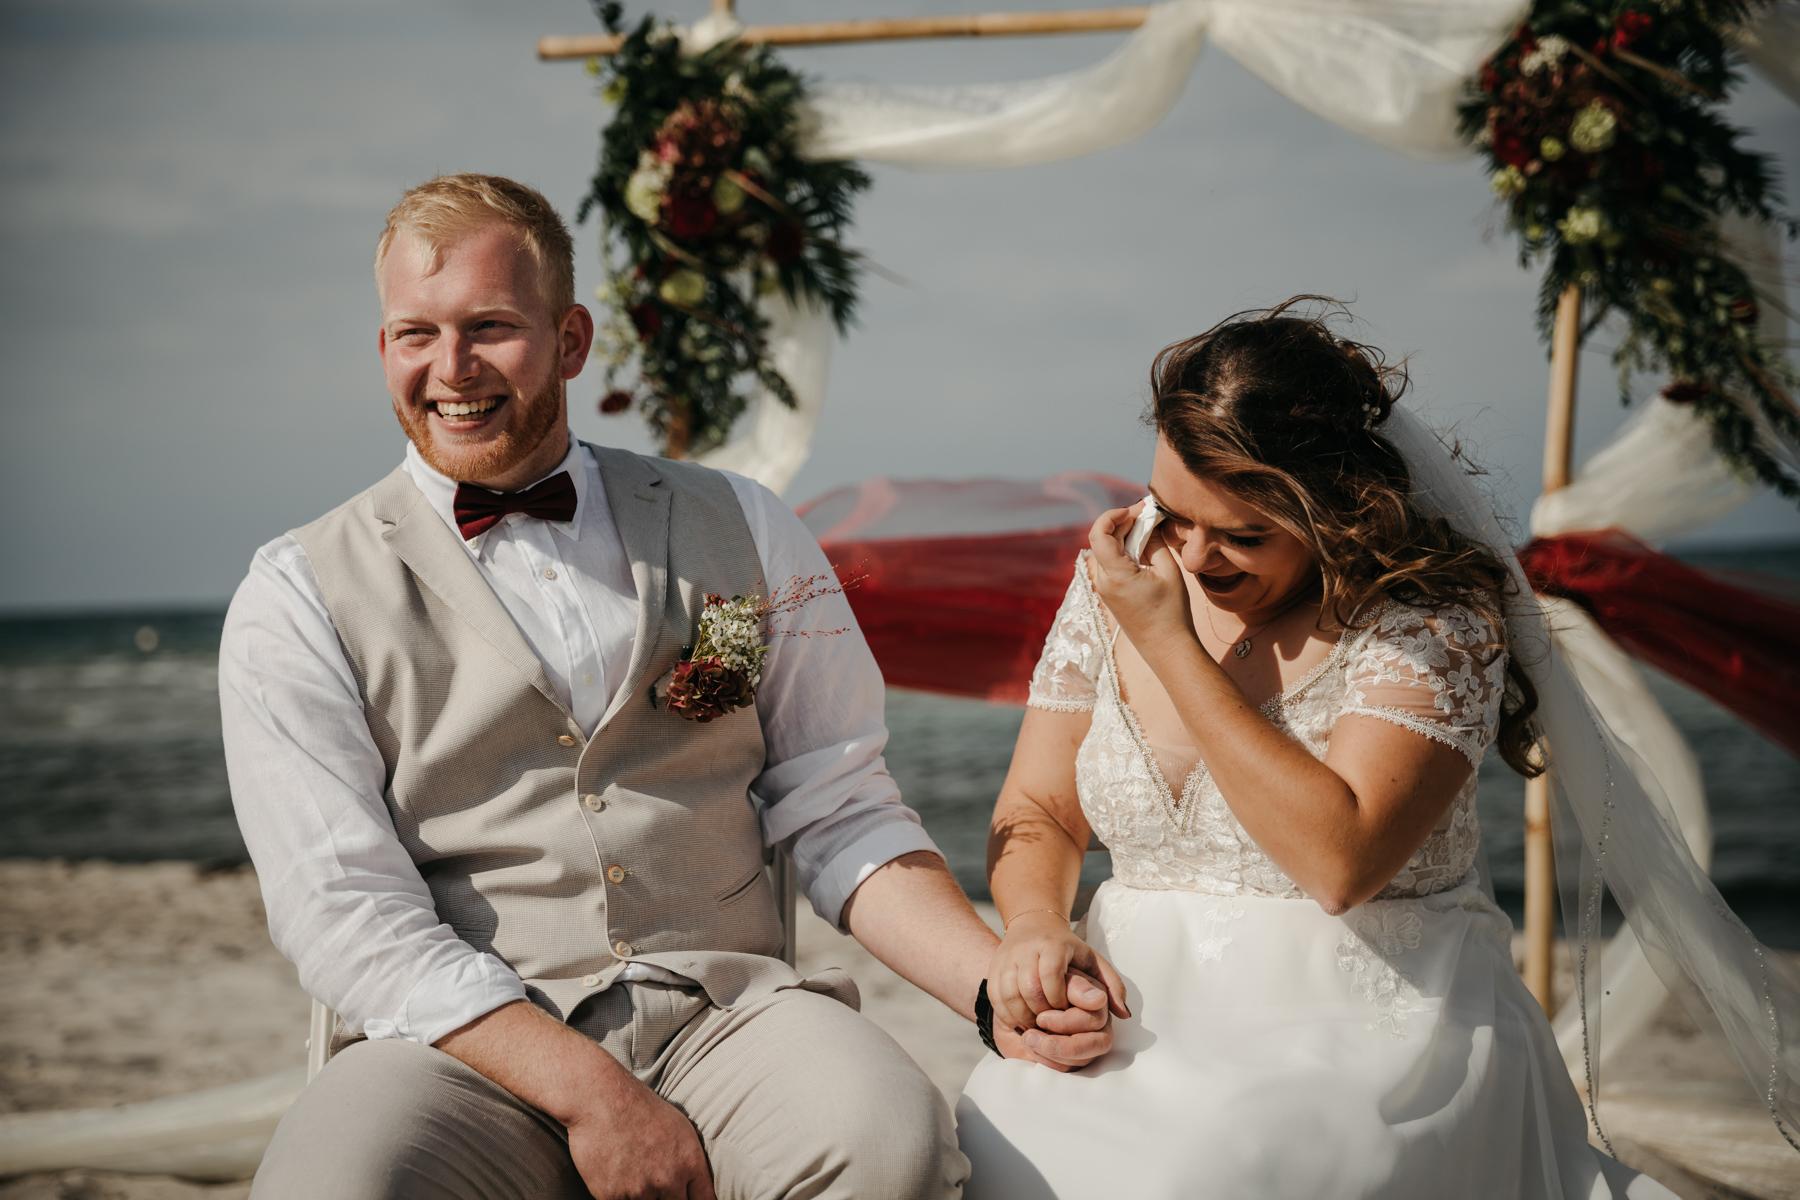 Juli Schneegans Fotografie bei Hochzeit am Strand